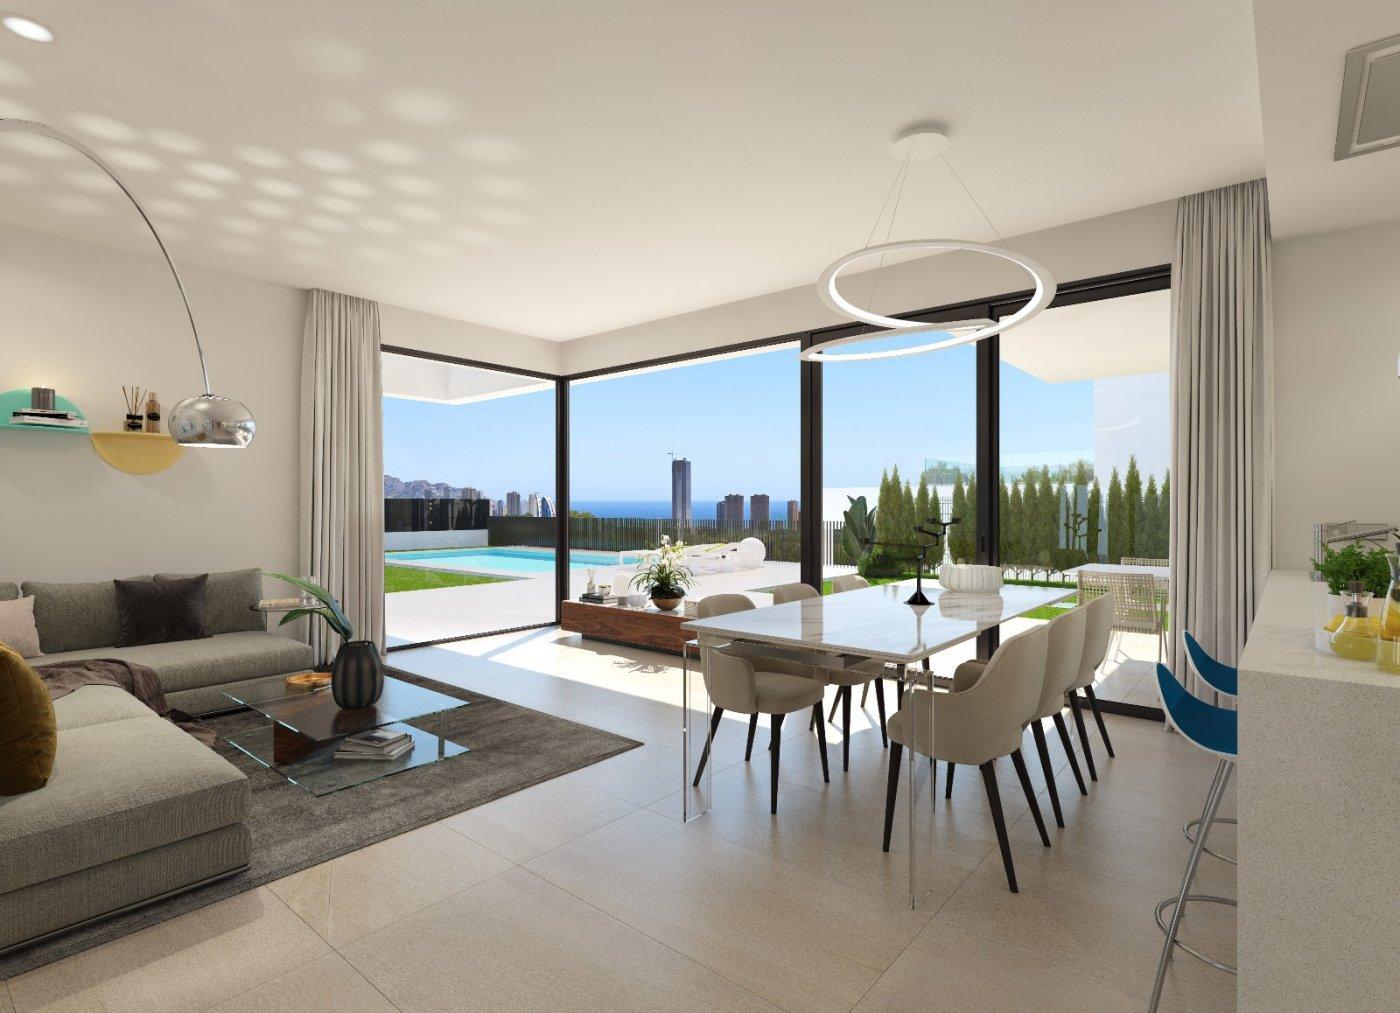 Villas de obra nueva modernas con vistas al mar en sierra cortina - imagenInmueble10